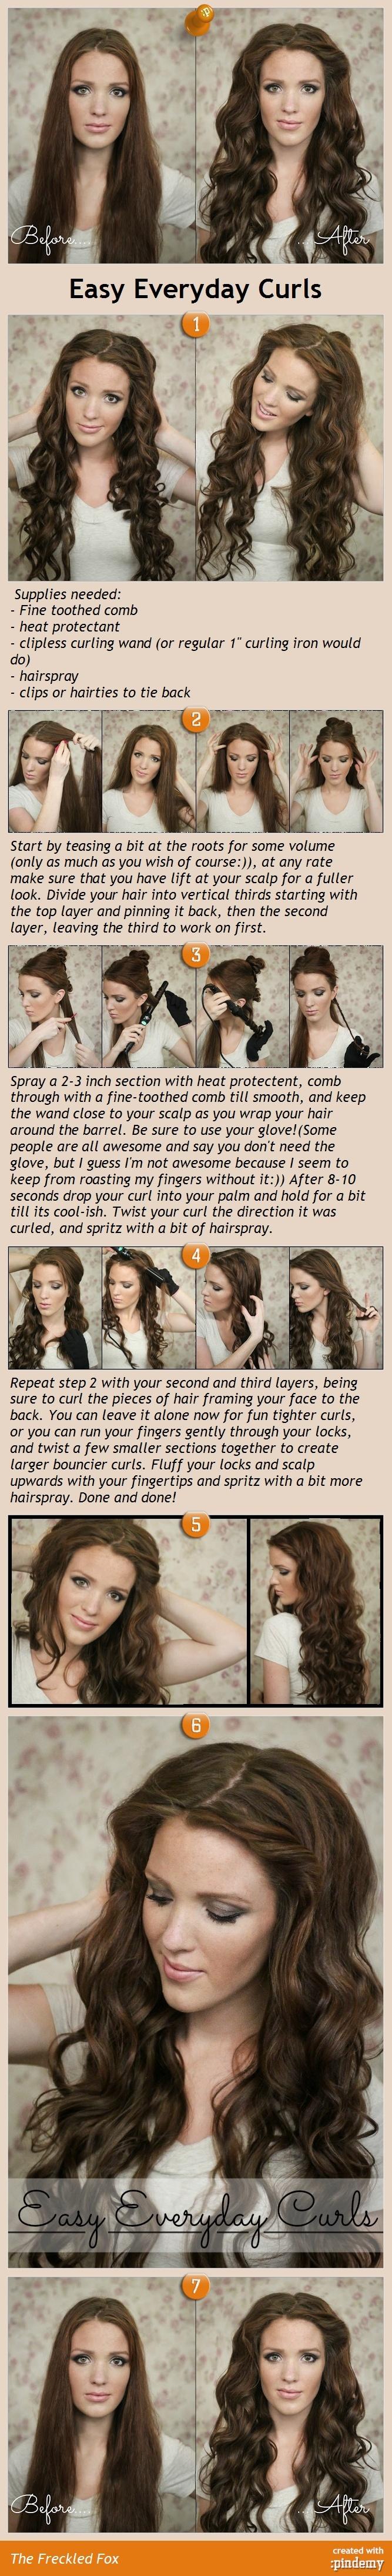 Easy Everyday Curls  via pindemy.com